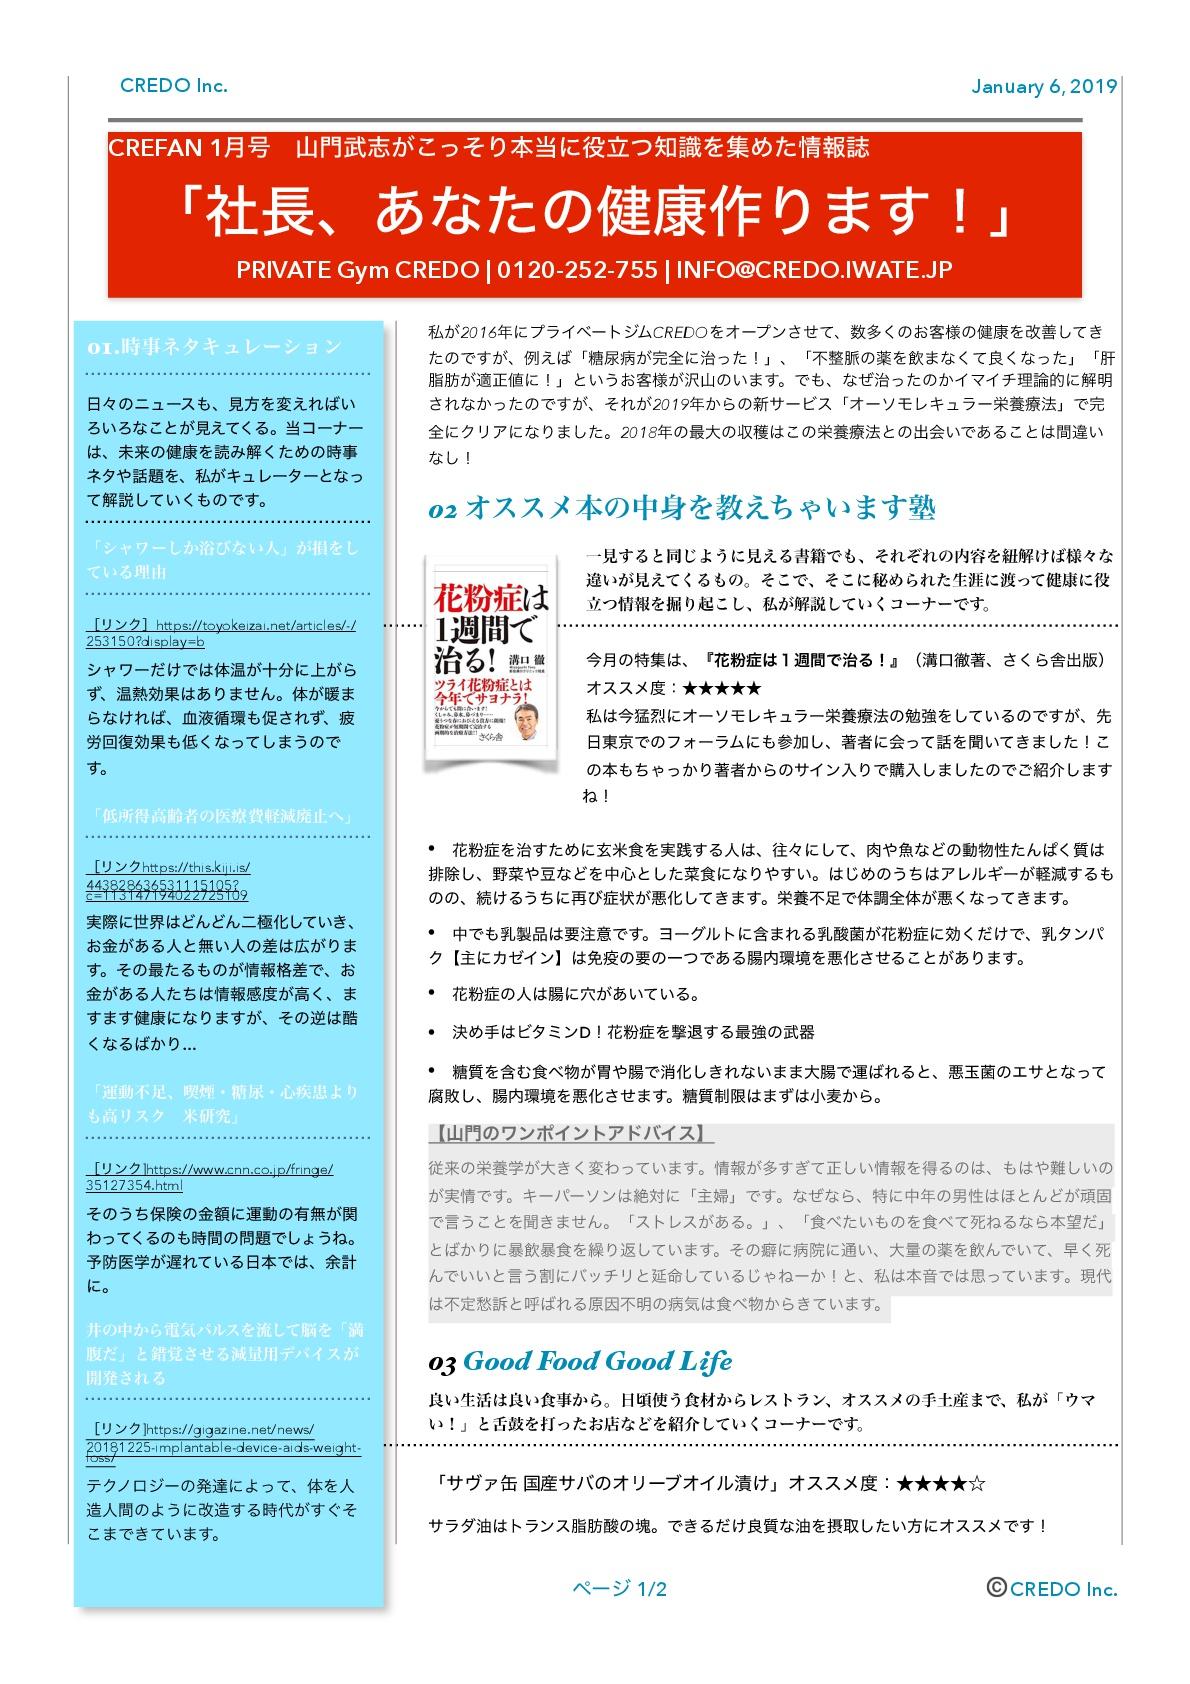 山門武志がオススメする最新情報<br/><span>〜無料月刊誌「社長、あなたの健康作ります。」〜</span><br/>2019年CREFAN1月号